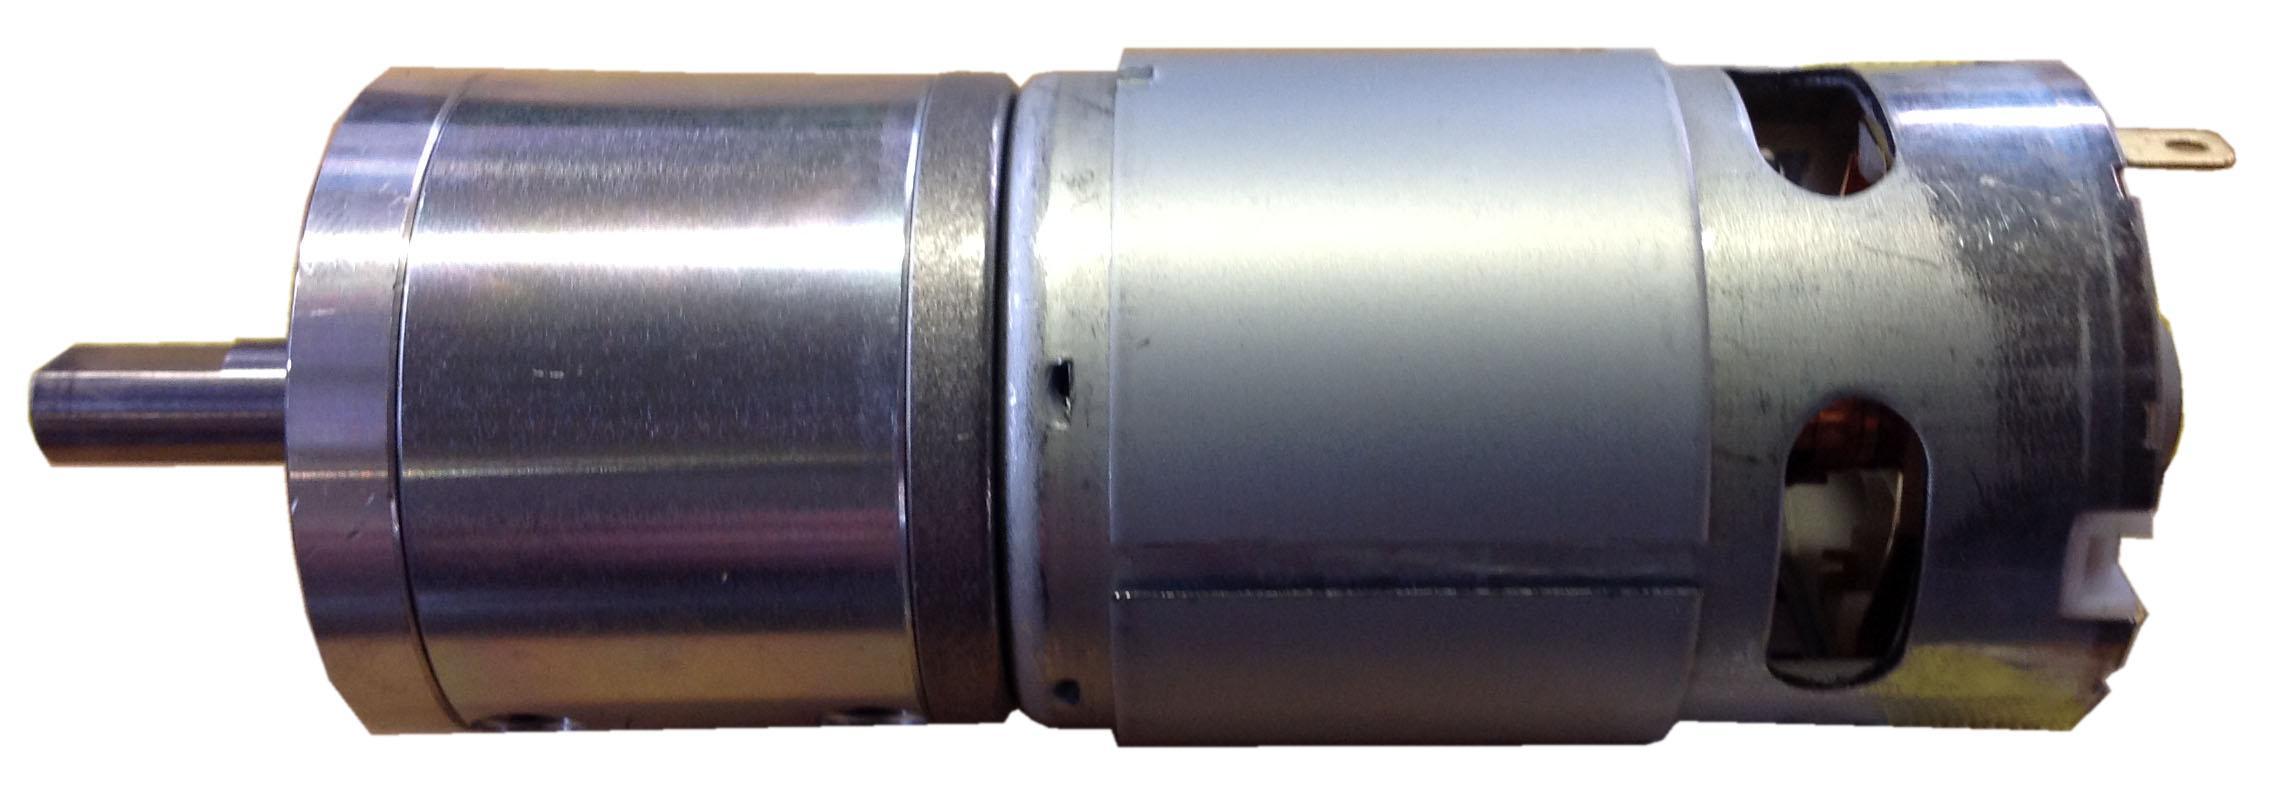 Dalmi 24v Electric Motor (2015+)